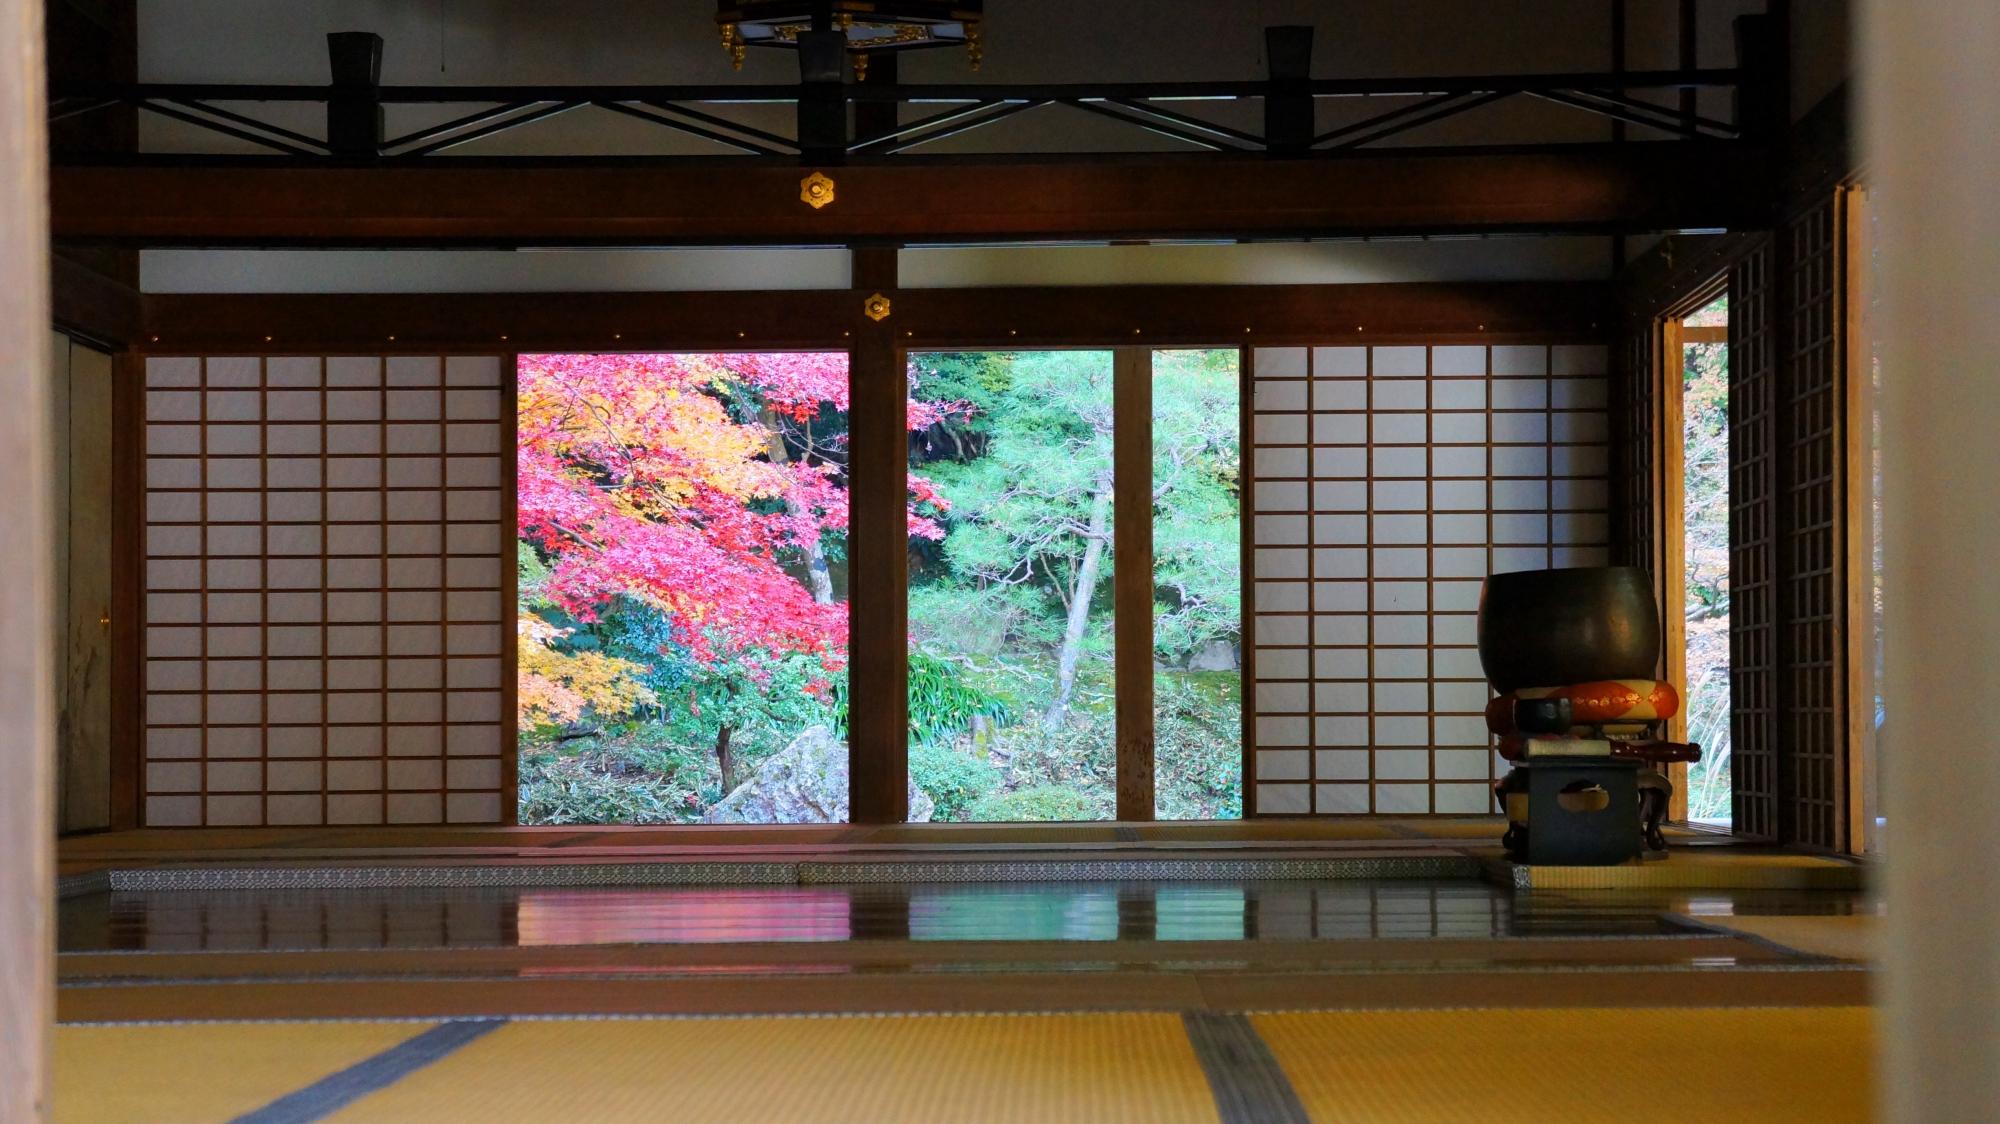 南禅院の方丈越しに眺める秋色の庭園